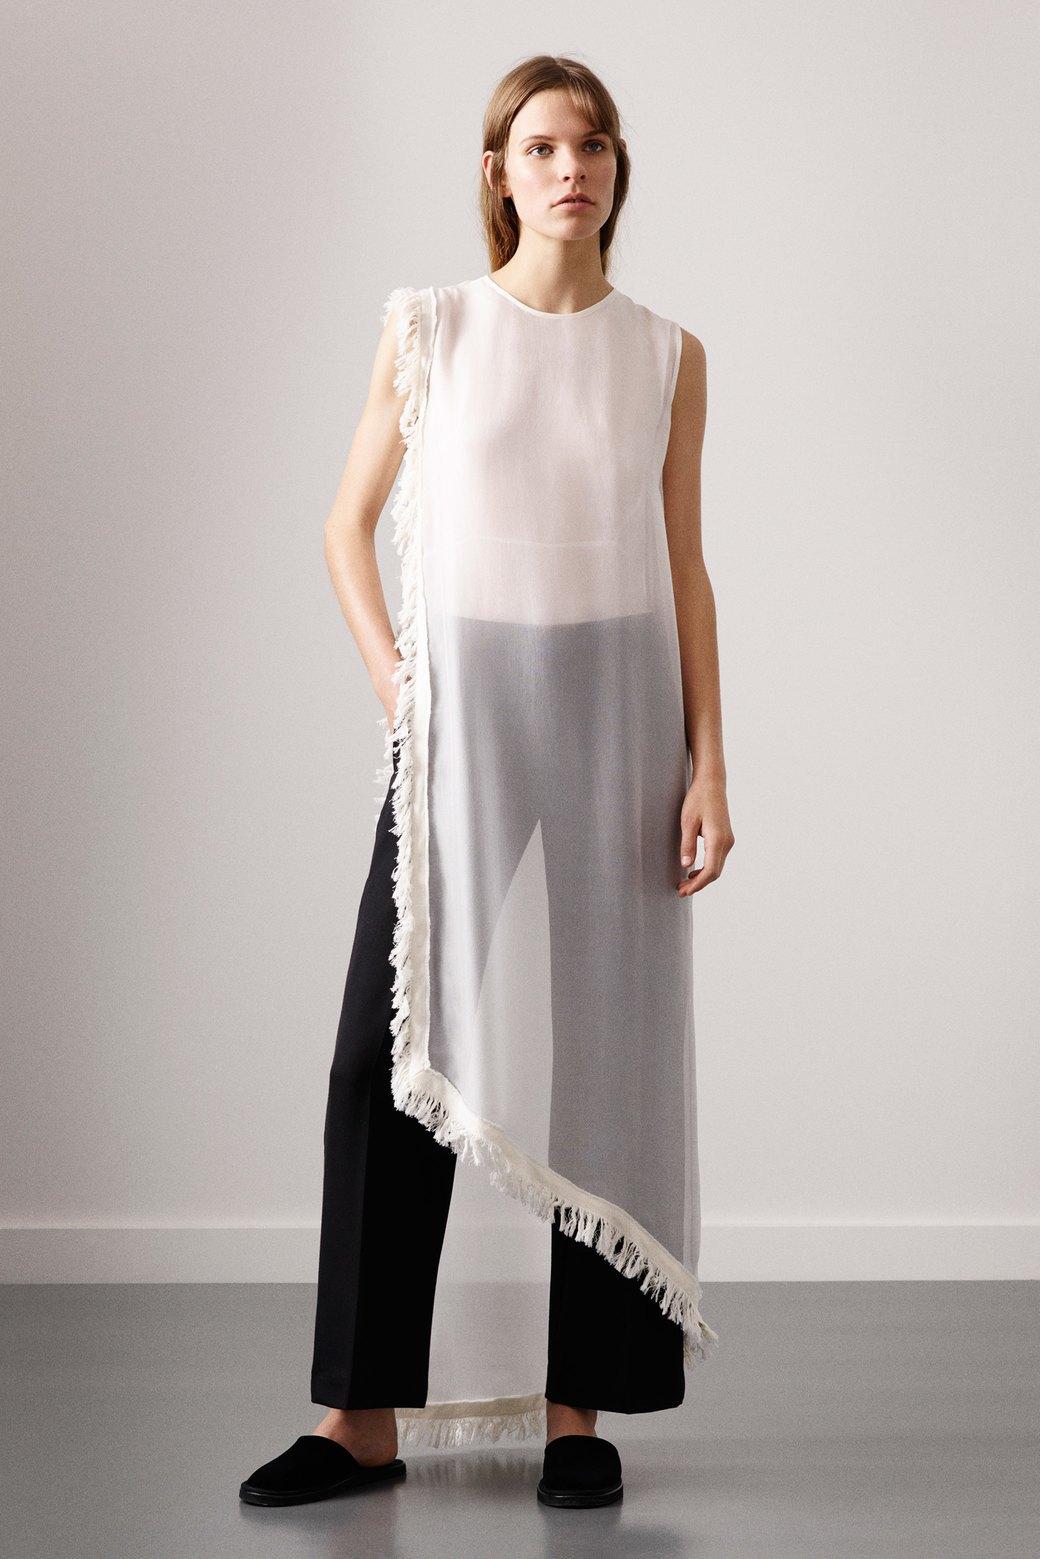 Платье на брюки:  Как использовать  многослойность. Изображение № 5.